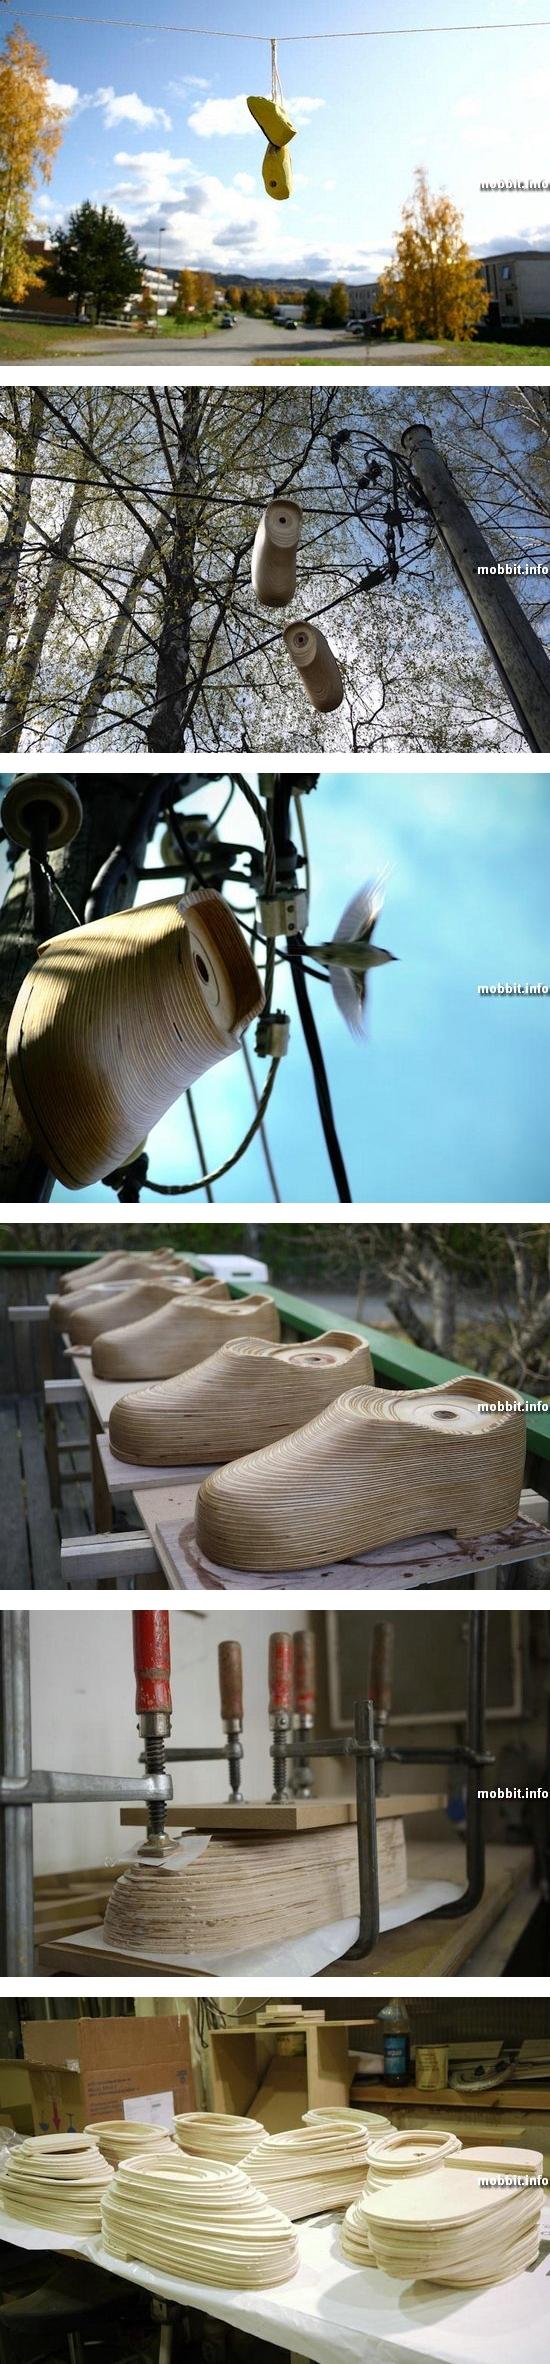 Птичьи «гостиницы» в виде ботинок